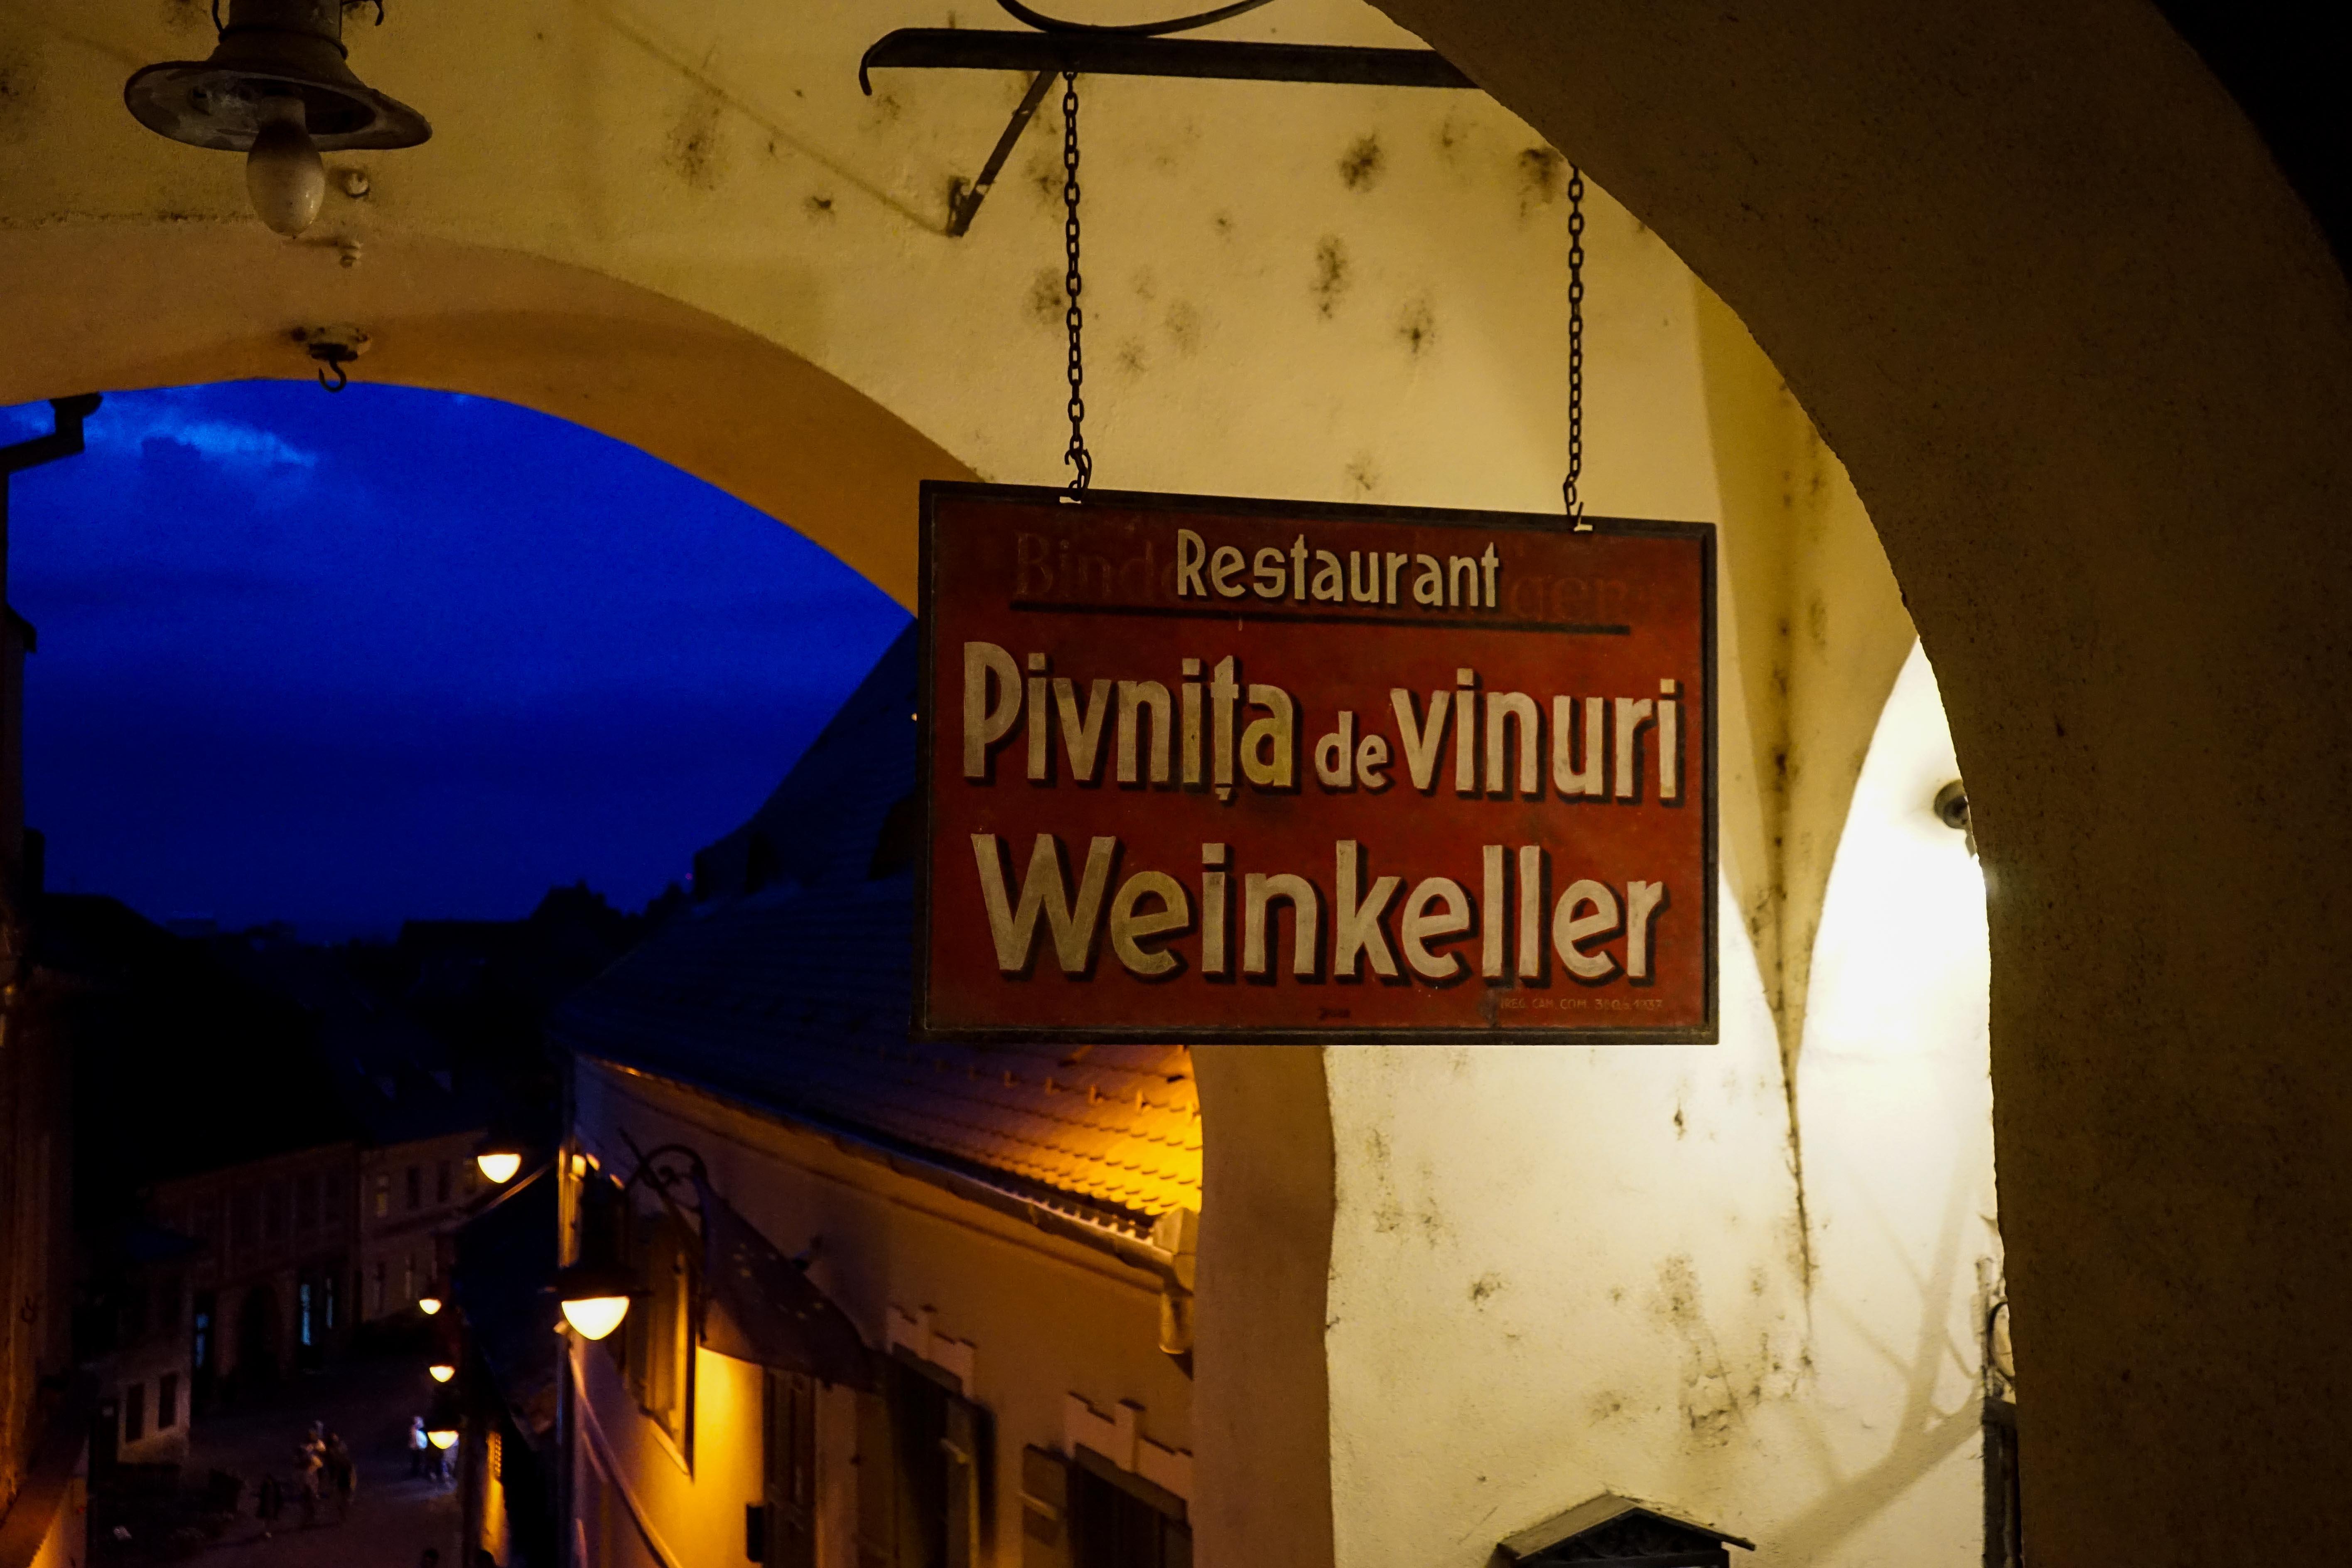 Restaurant Tipps Hermannstadt Sibiu Rumänien Insider Tipps Pivnita de vinuri Weinkeller Reiseblog